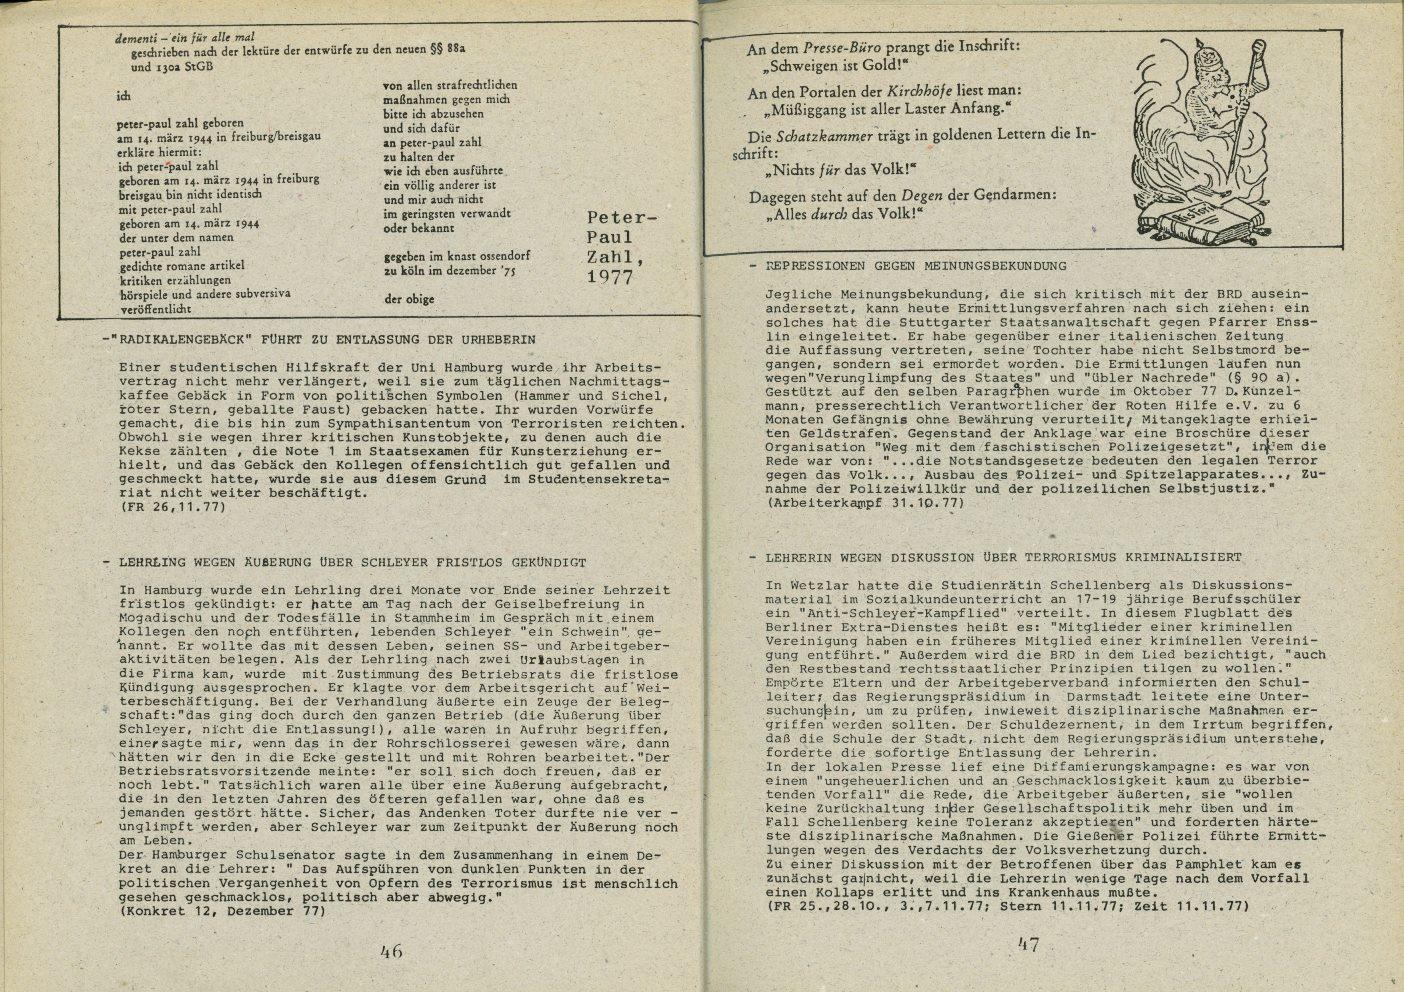 Stuttgart_AGRT_Menschenrechtsverletzungen_Leseheft_1978_25